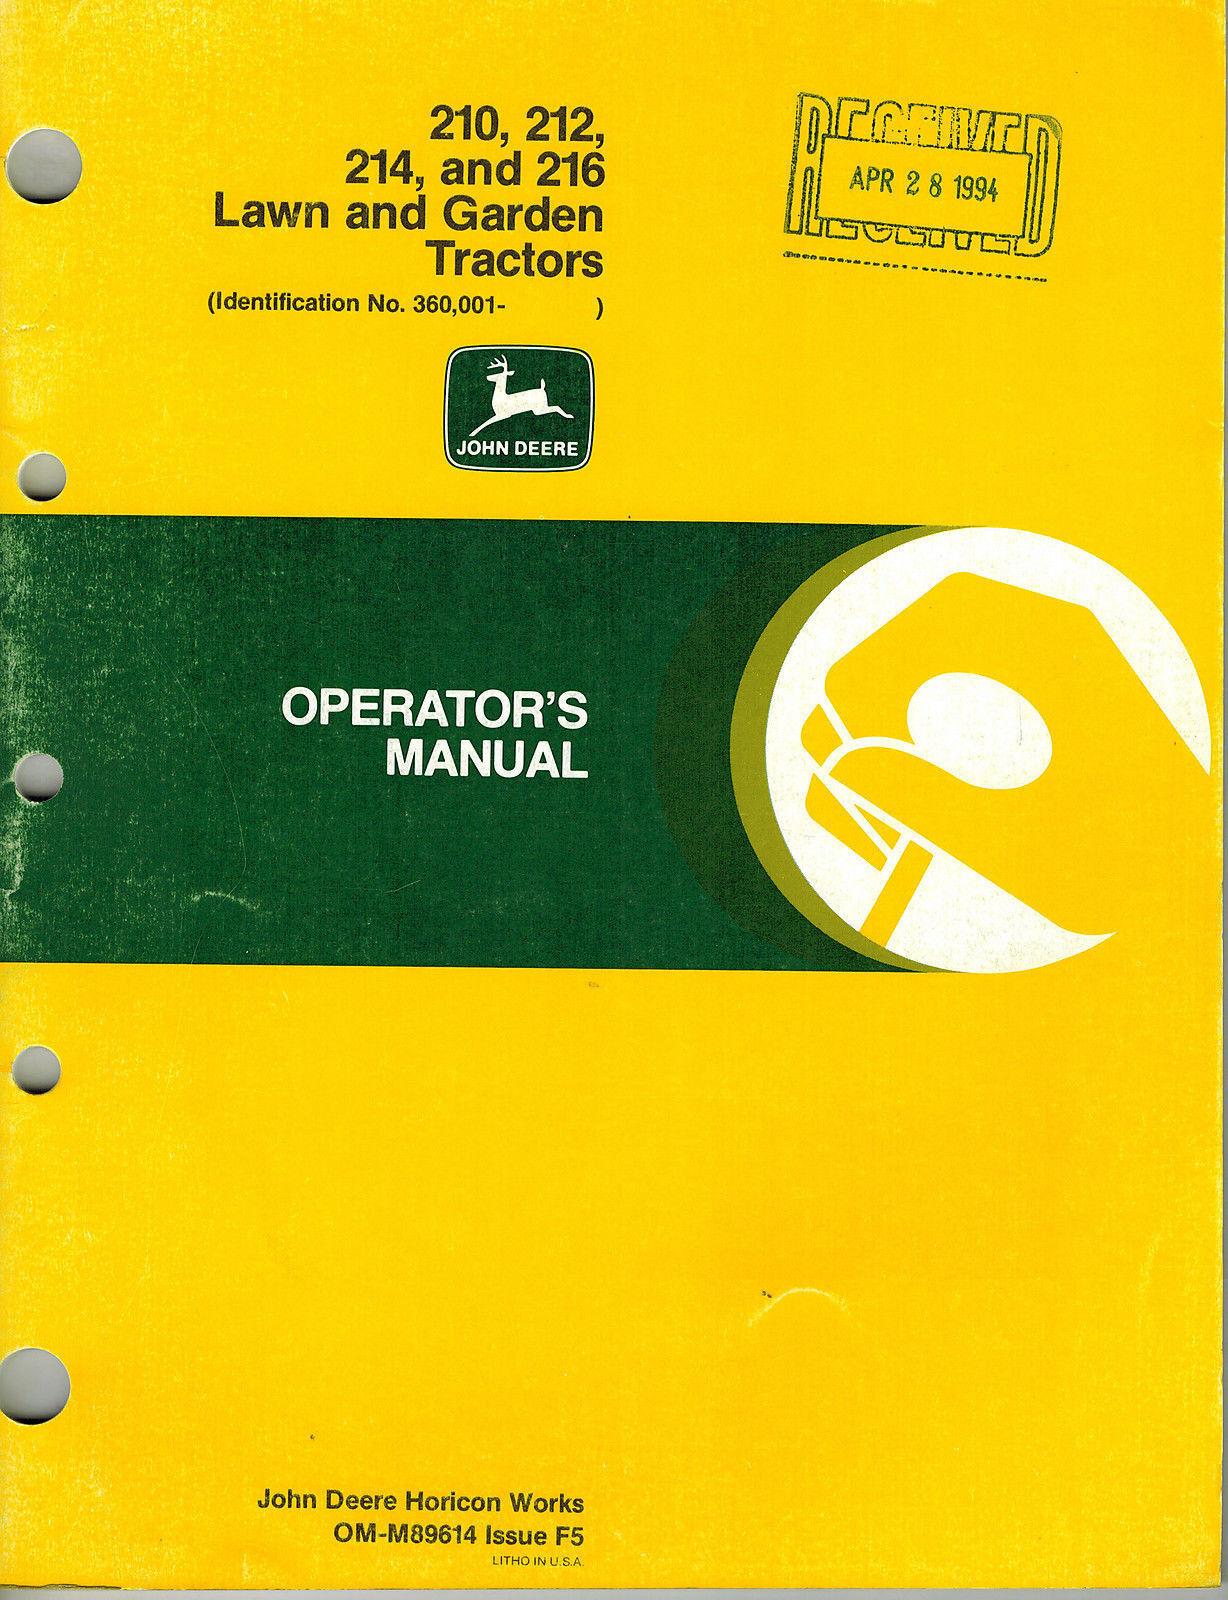 john deere 214 lawn garden tractor operator s manual ebay rh ebay com john deere 212 owners manual john deere 214 service manual